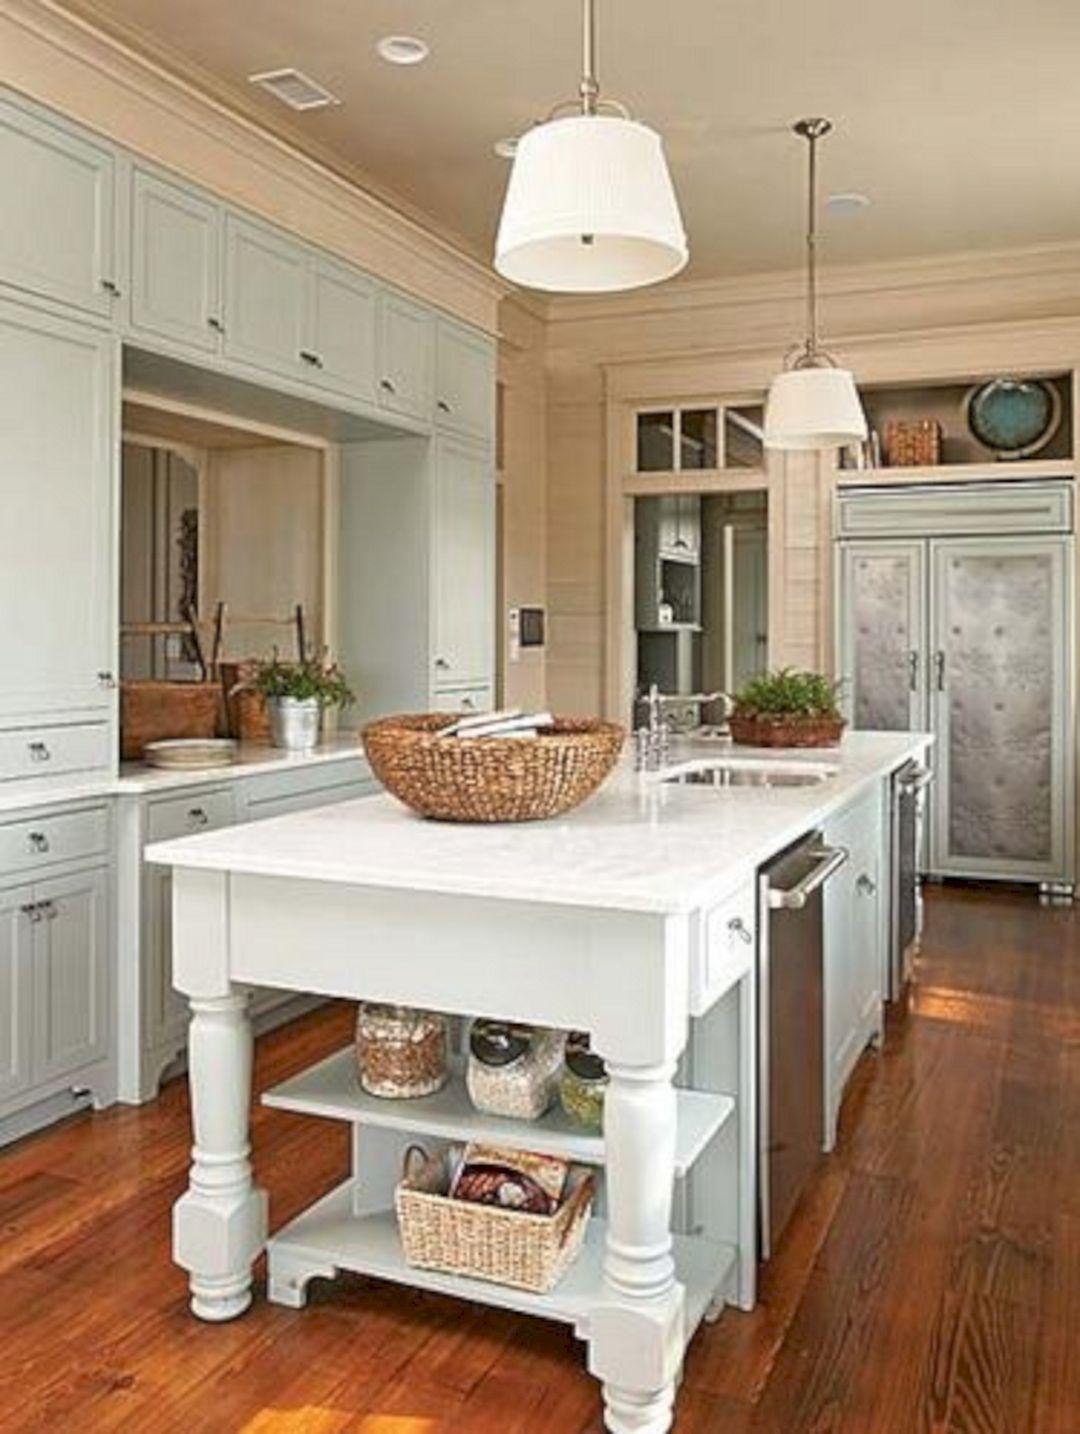 Coastal Farmhouse Kitchen Design 9 (Coastal Farmhouse ...